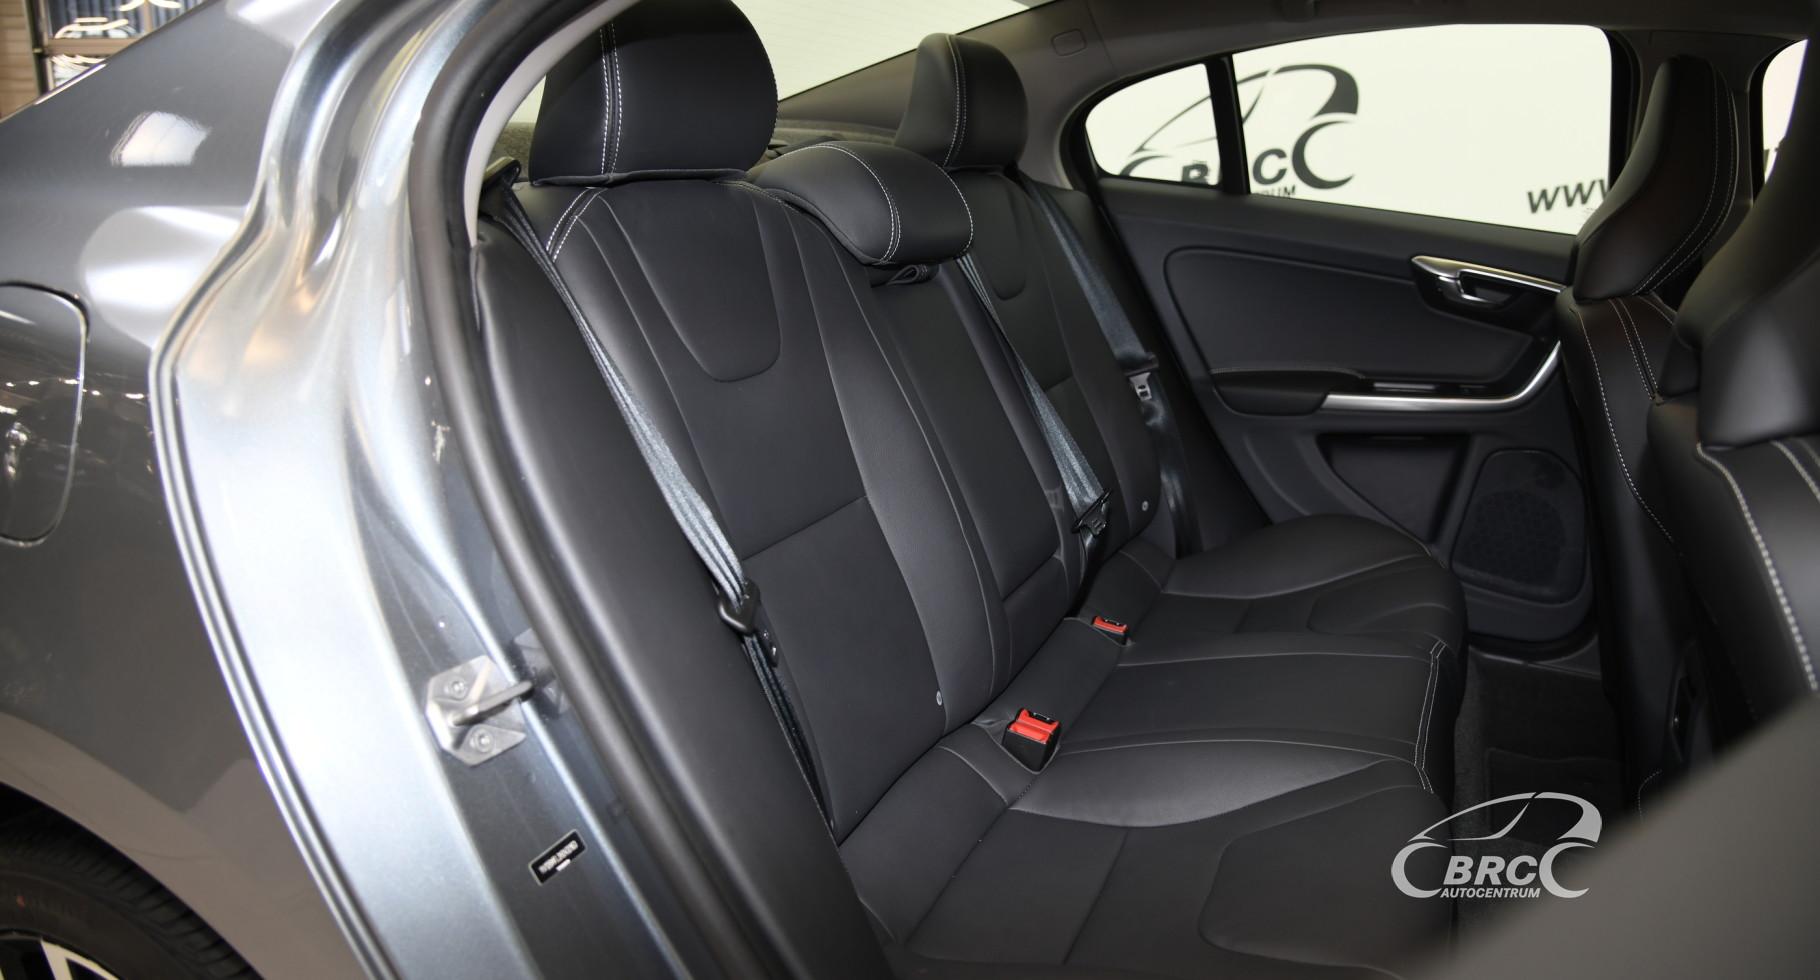 Volvo S60 2.0 T5 Drive-E Dynamic Automatas